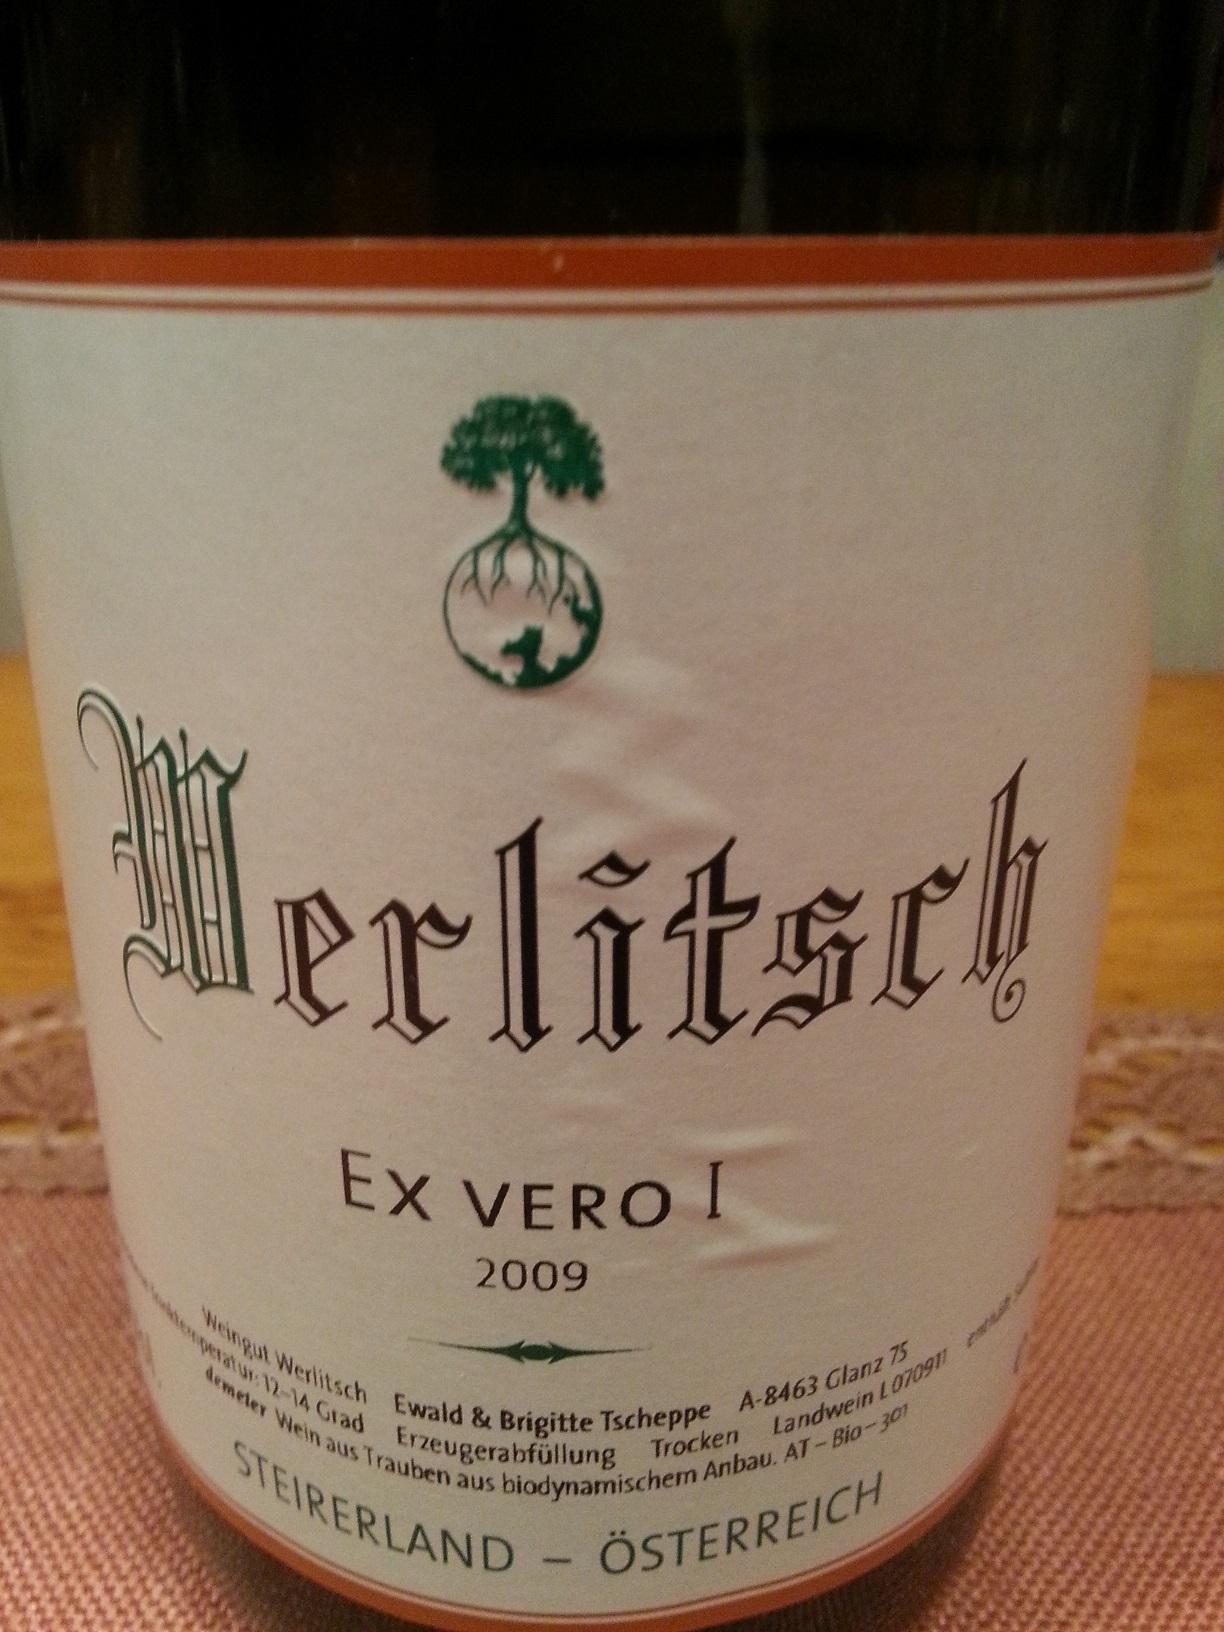 2009 Ex Vero I | Werlitsch